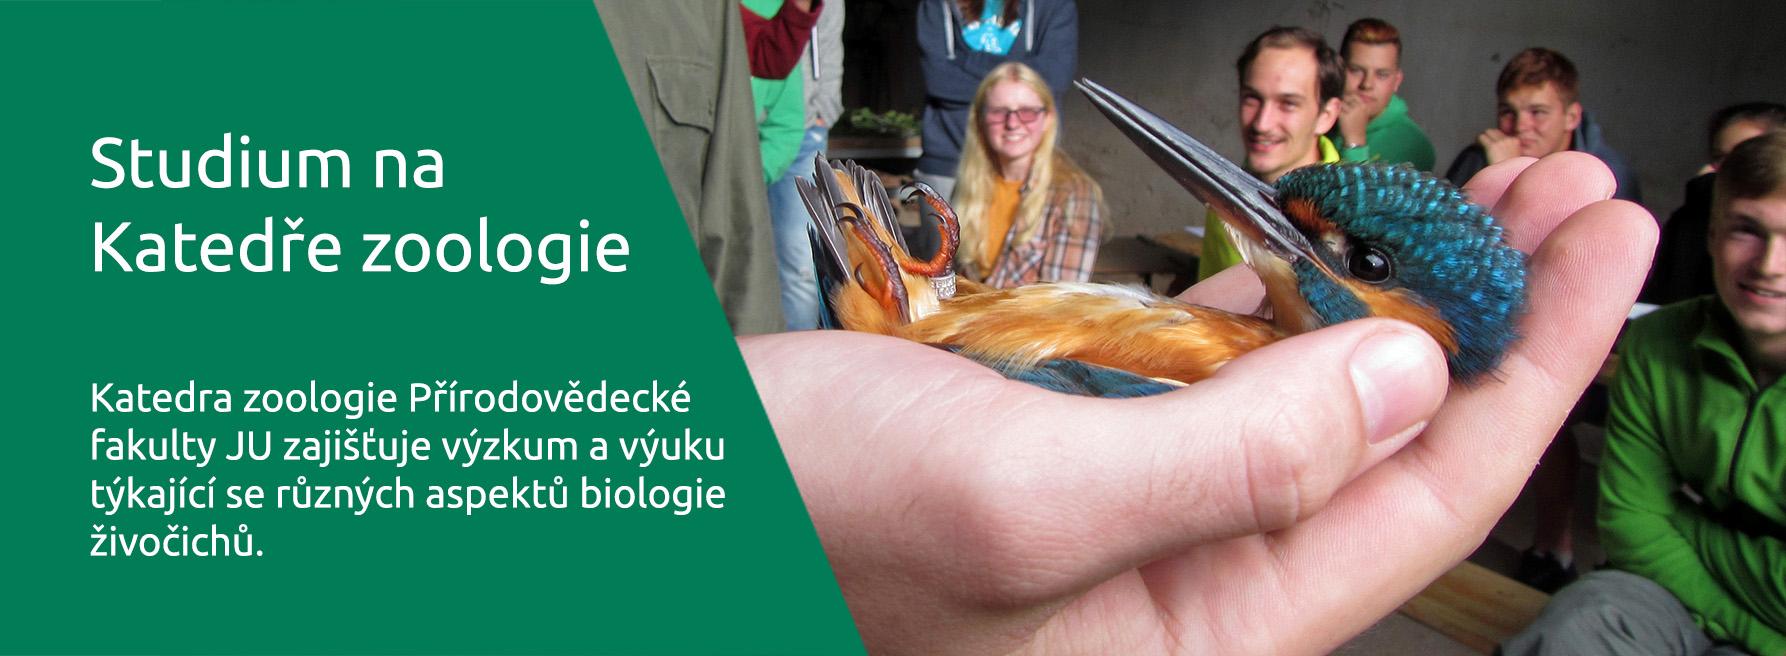 Studium Na Katedře Zoologie